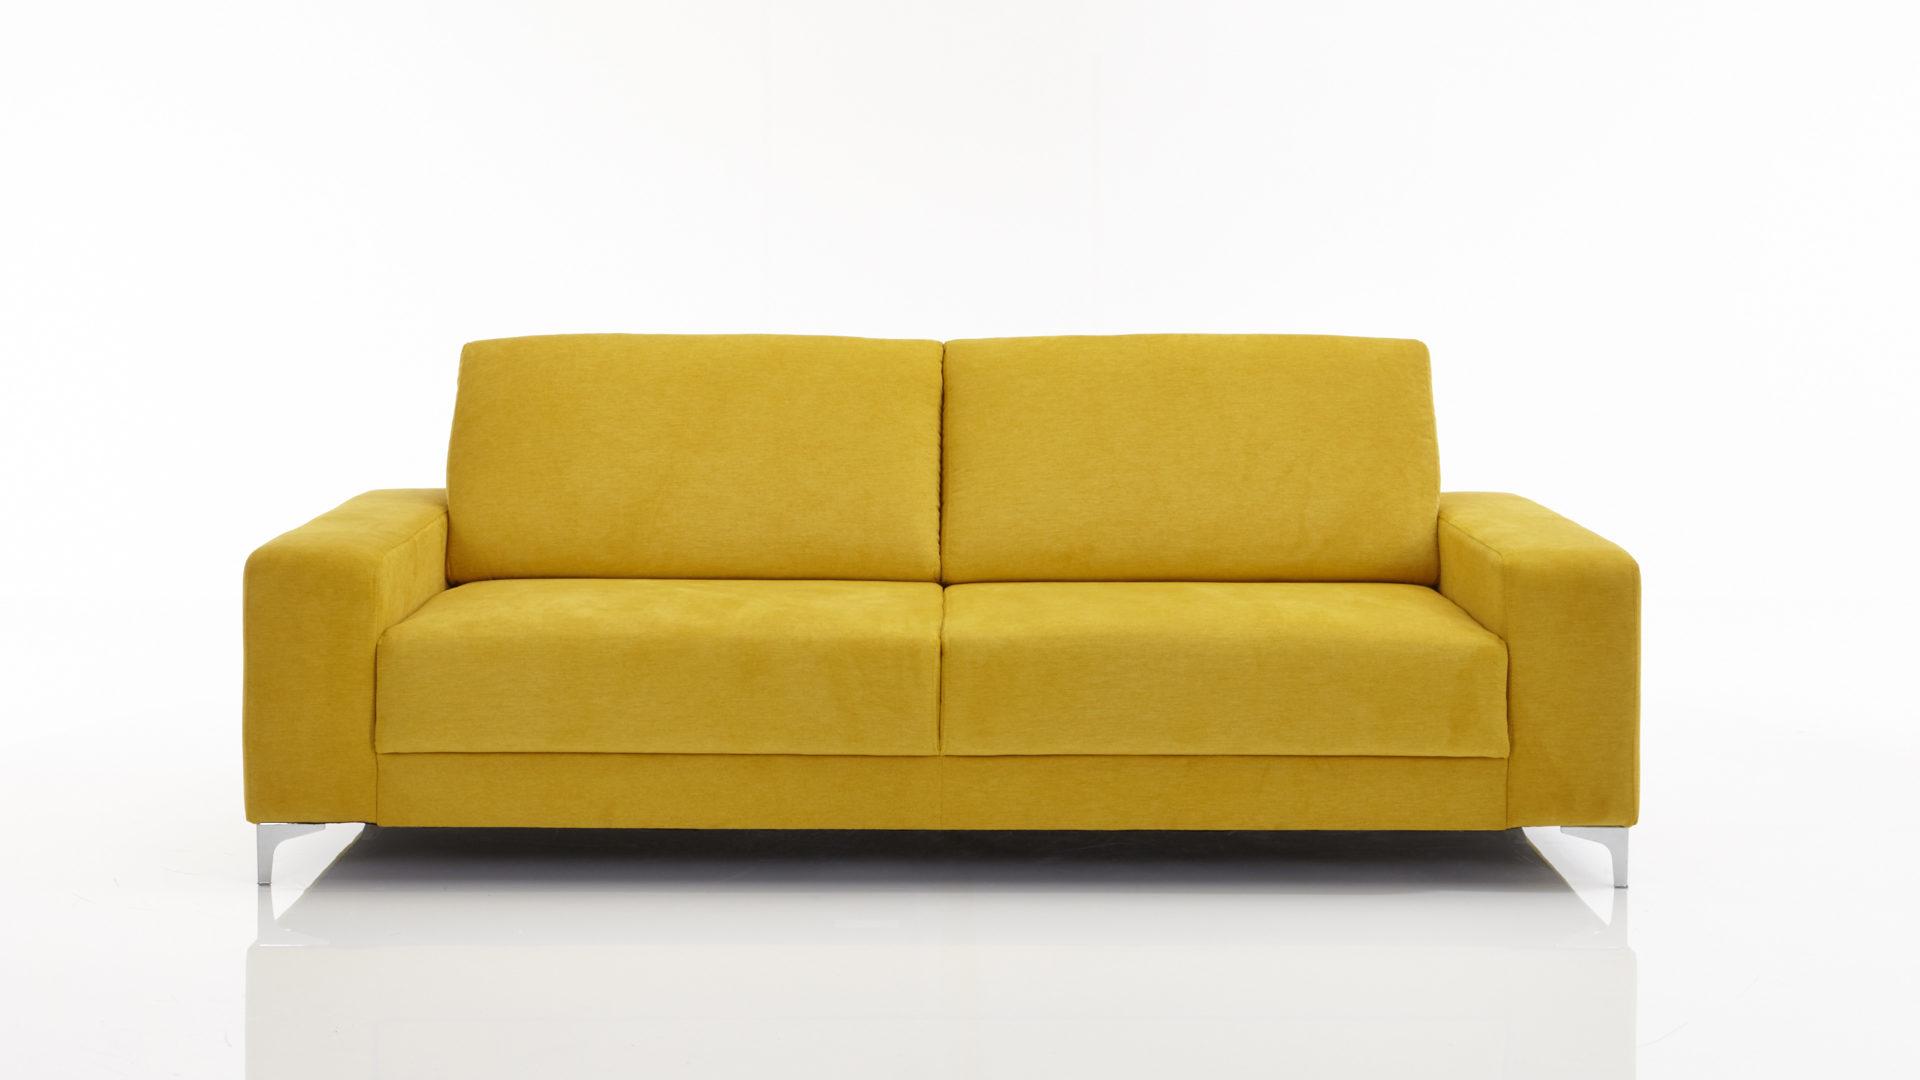 KAWOO 2,5-Sitzer Color 2 Sofa und Polstermöbel, mustardfarbener ...